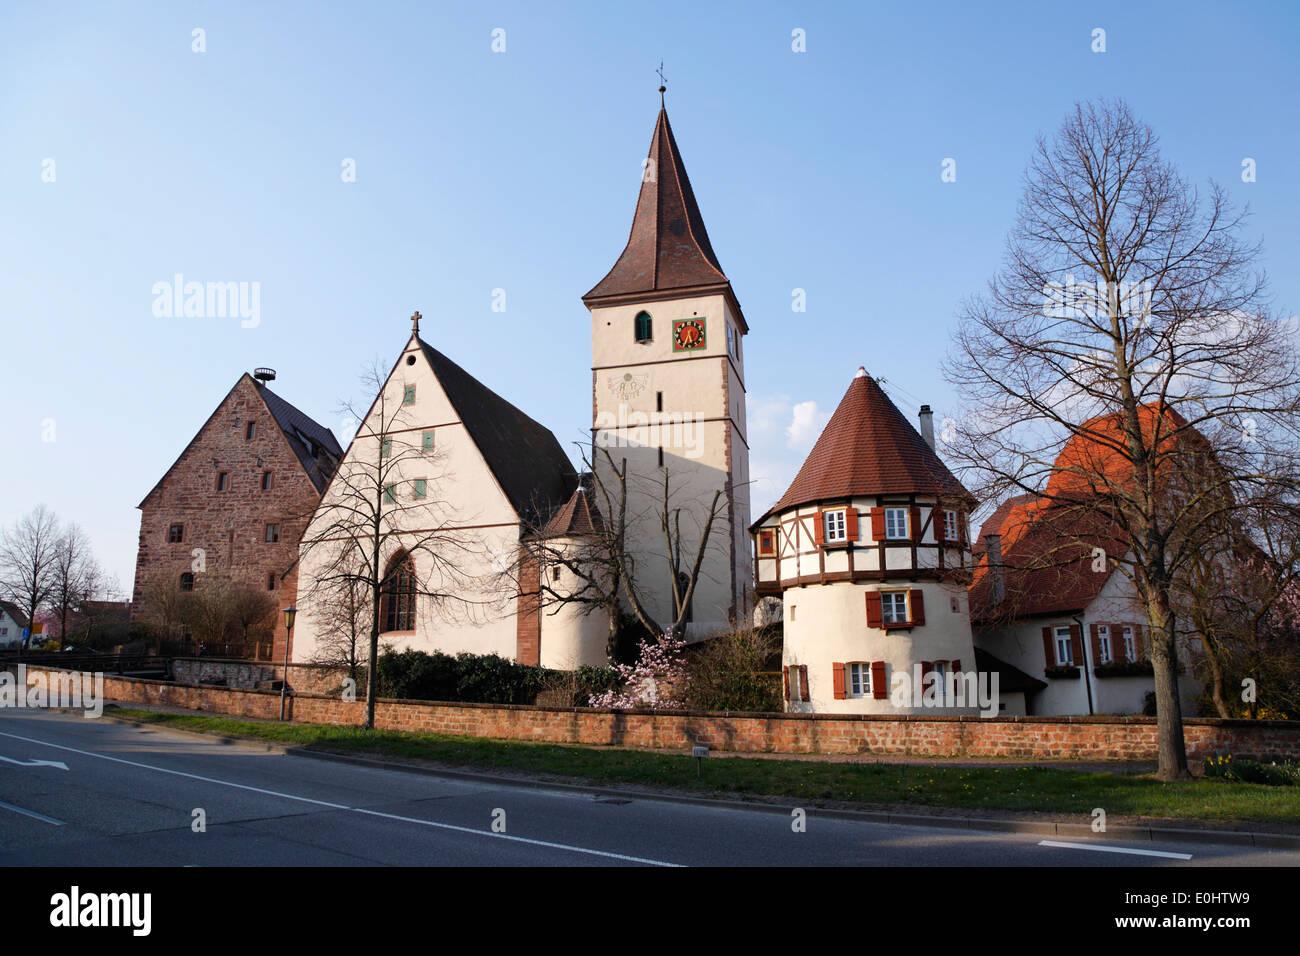 Deutschland, Baden-Württemberg, Merklingen (Weil der Stadt), Kirchenburg, Häuser - Stock Image